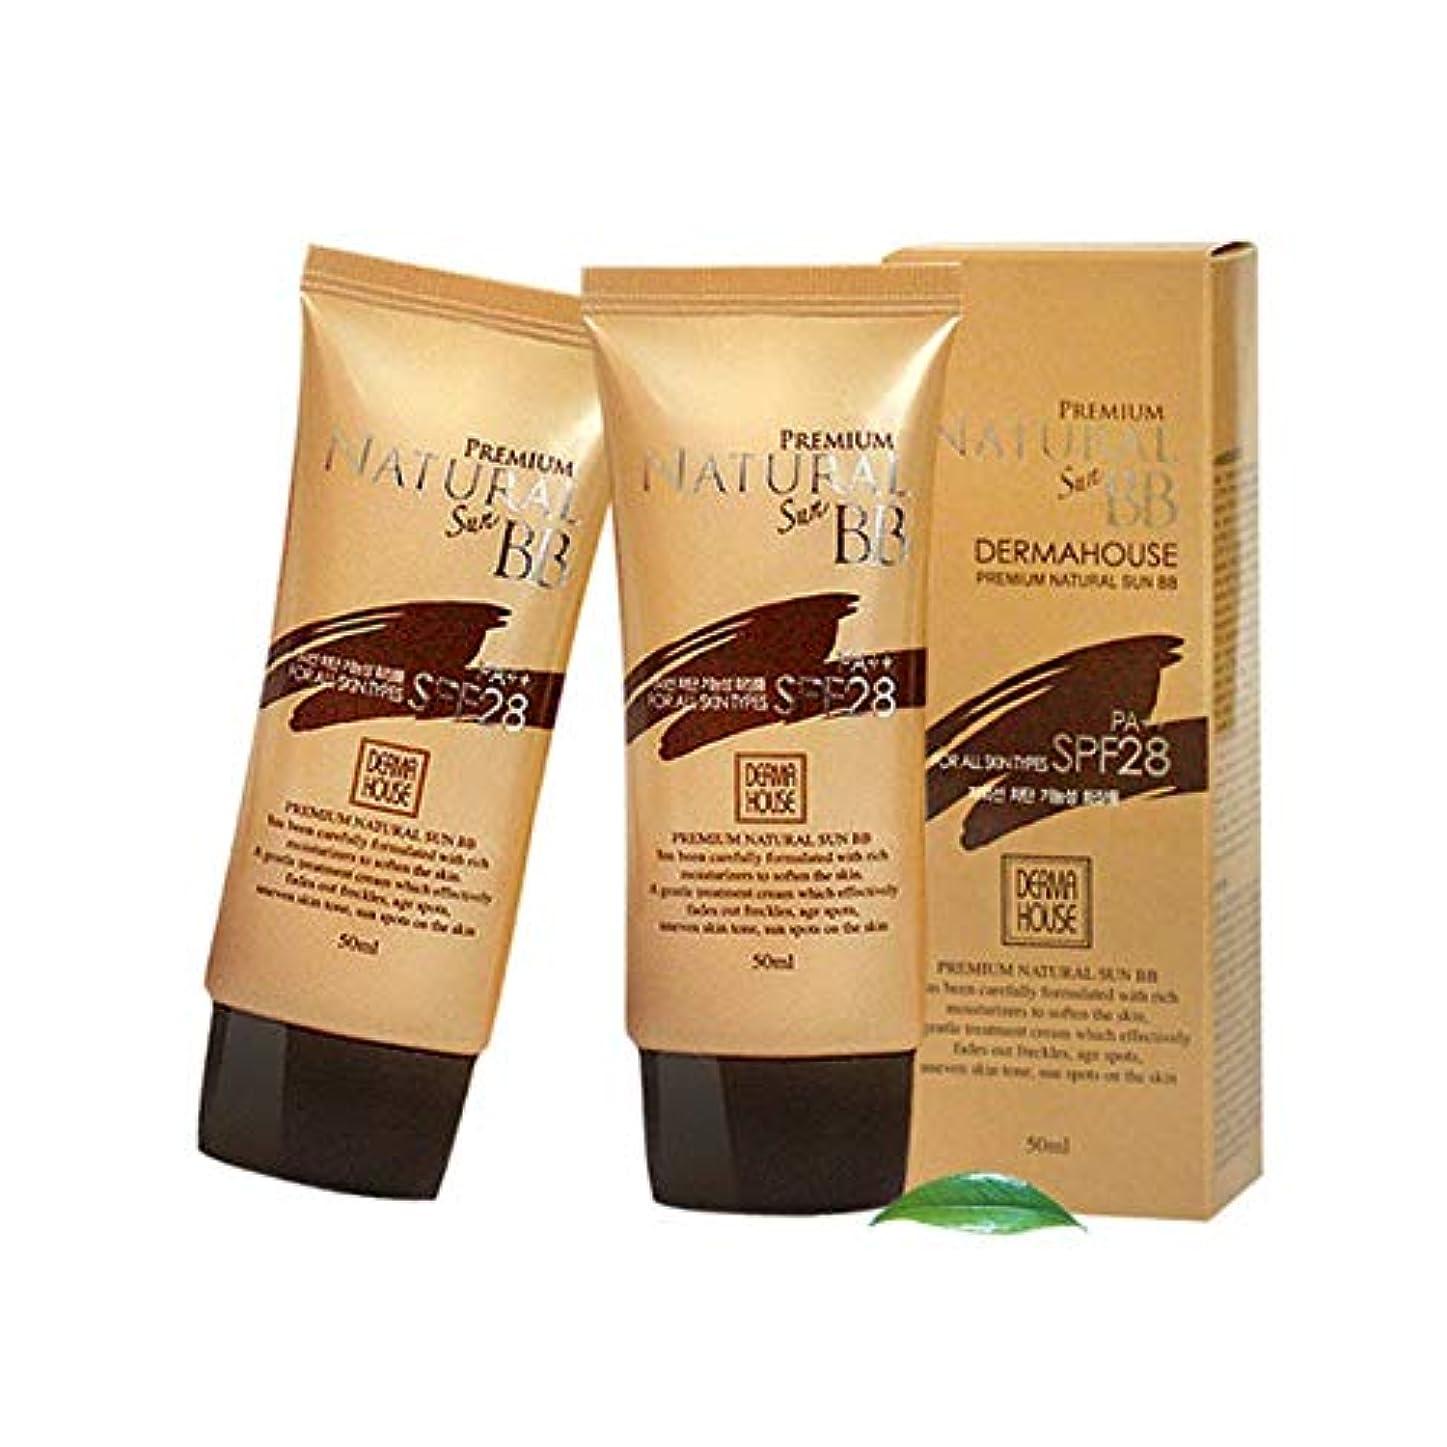 魔女絡み合い適切なダーマハウスプレミアムナチュラルサンBBクリーム 50mlx2本セット韓国コスメ、Derma House Premium Natural Sun BB Cream 50ml x 2ea Set Korean Cosmetics...